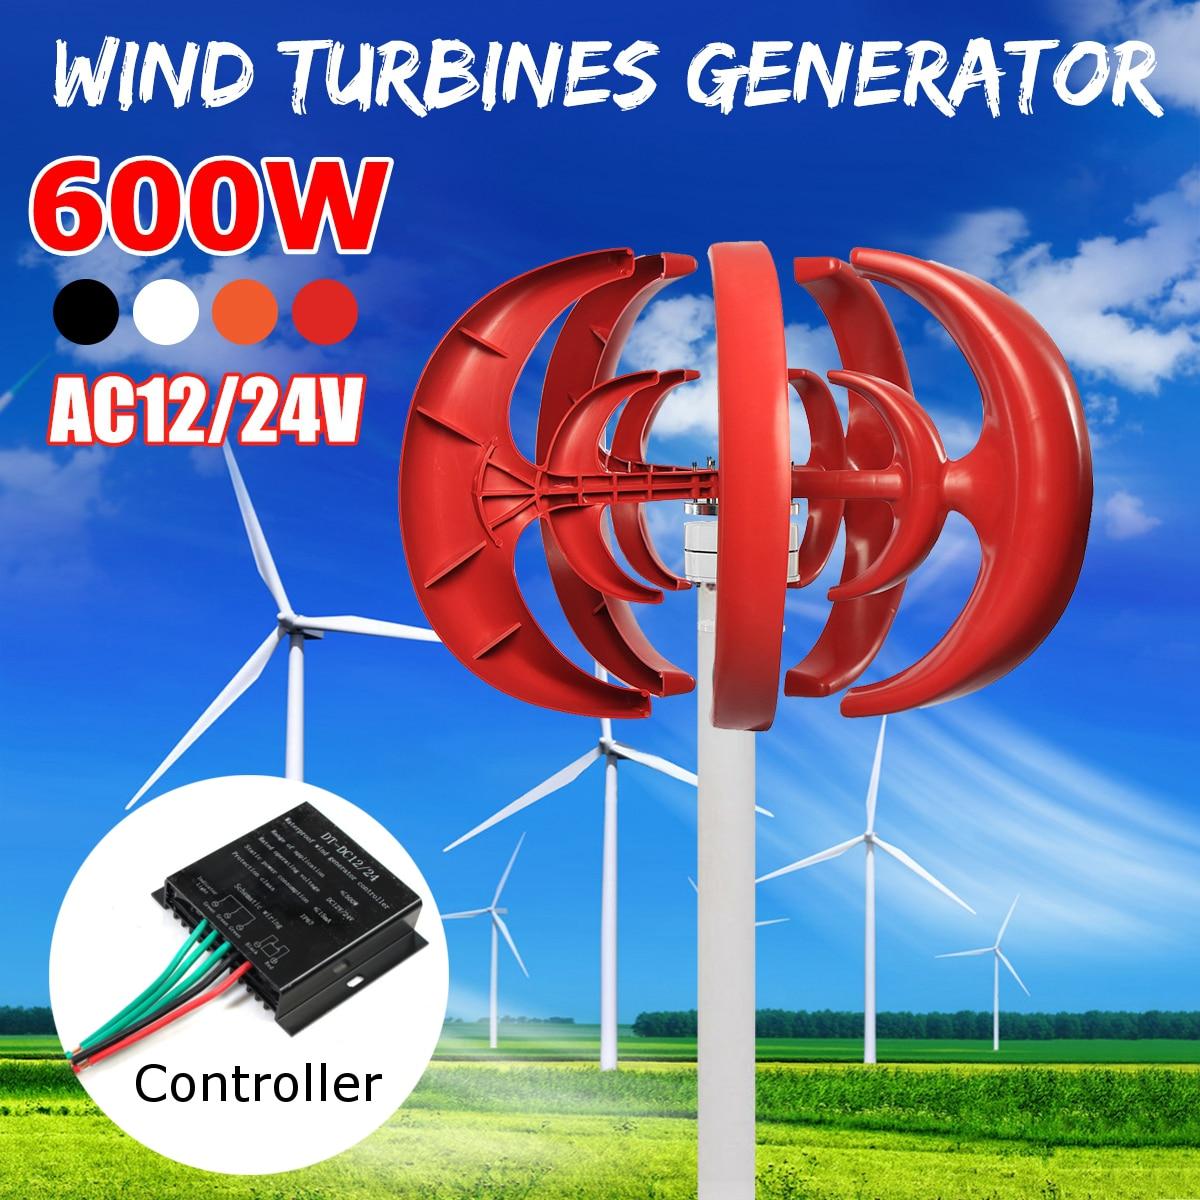 Turbina di vento Max 600 w DC 12 v 24 v Si Combinano Con 600 w Inglese Vento Regolatore del Generatore di Casa Per casa Lampione Ibrido Uso